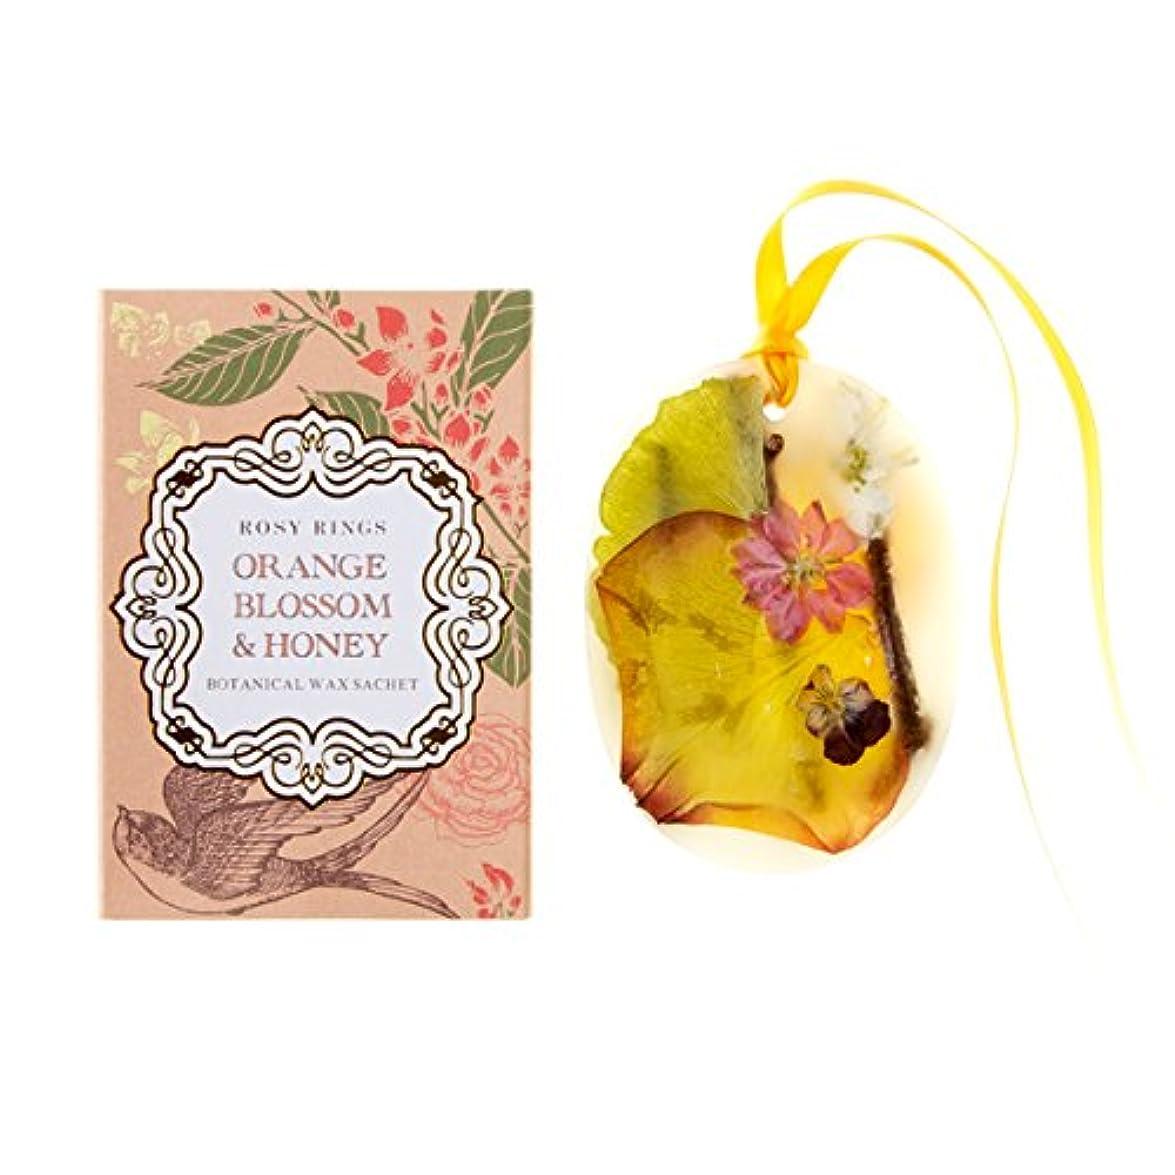 座るコメンテーター印象的なロージーリングス プティボタニカルサシェ オレンジブロッサム&ハニー ROSY RINGS Petite Oval Botanical Wax Sachet Orange Blossom & Honey